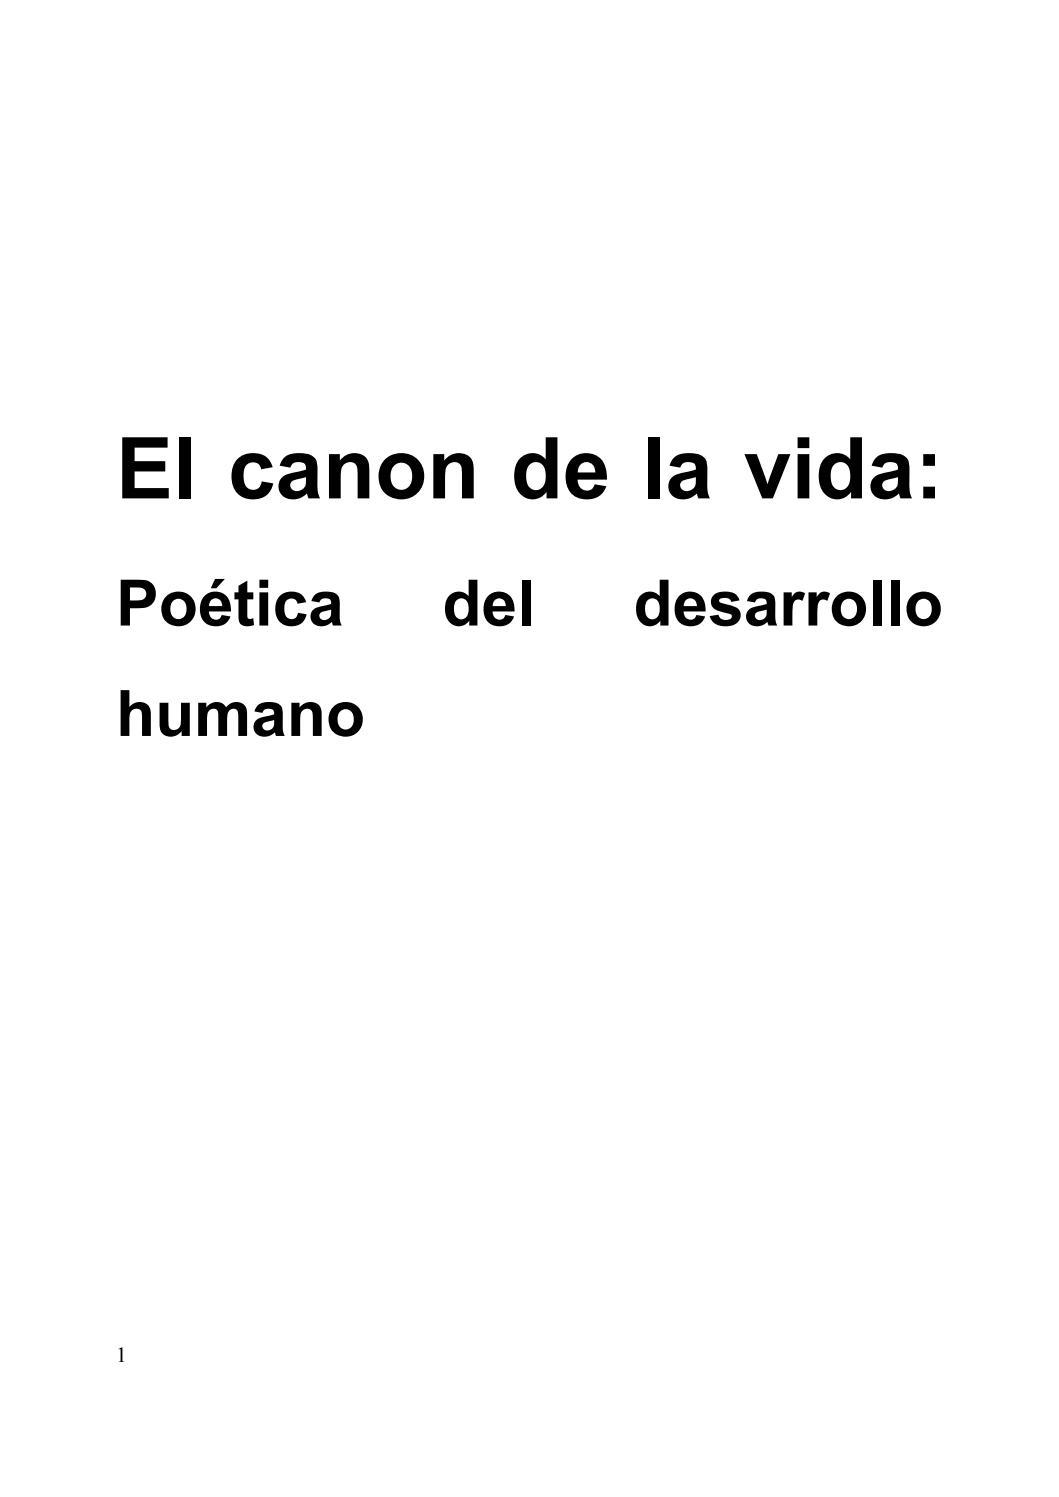 Psicología by SergioReyPls - issuu